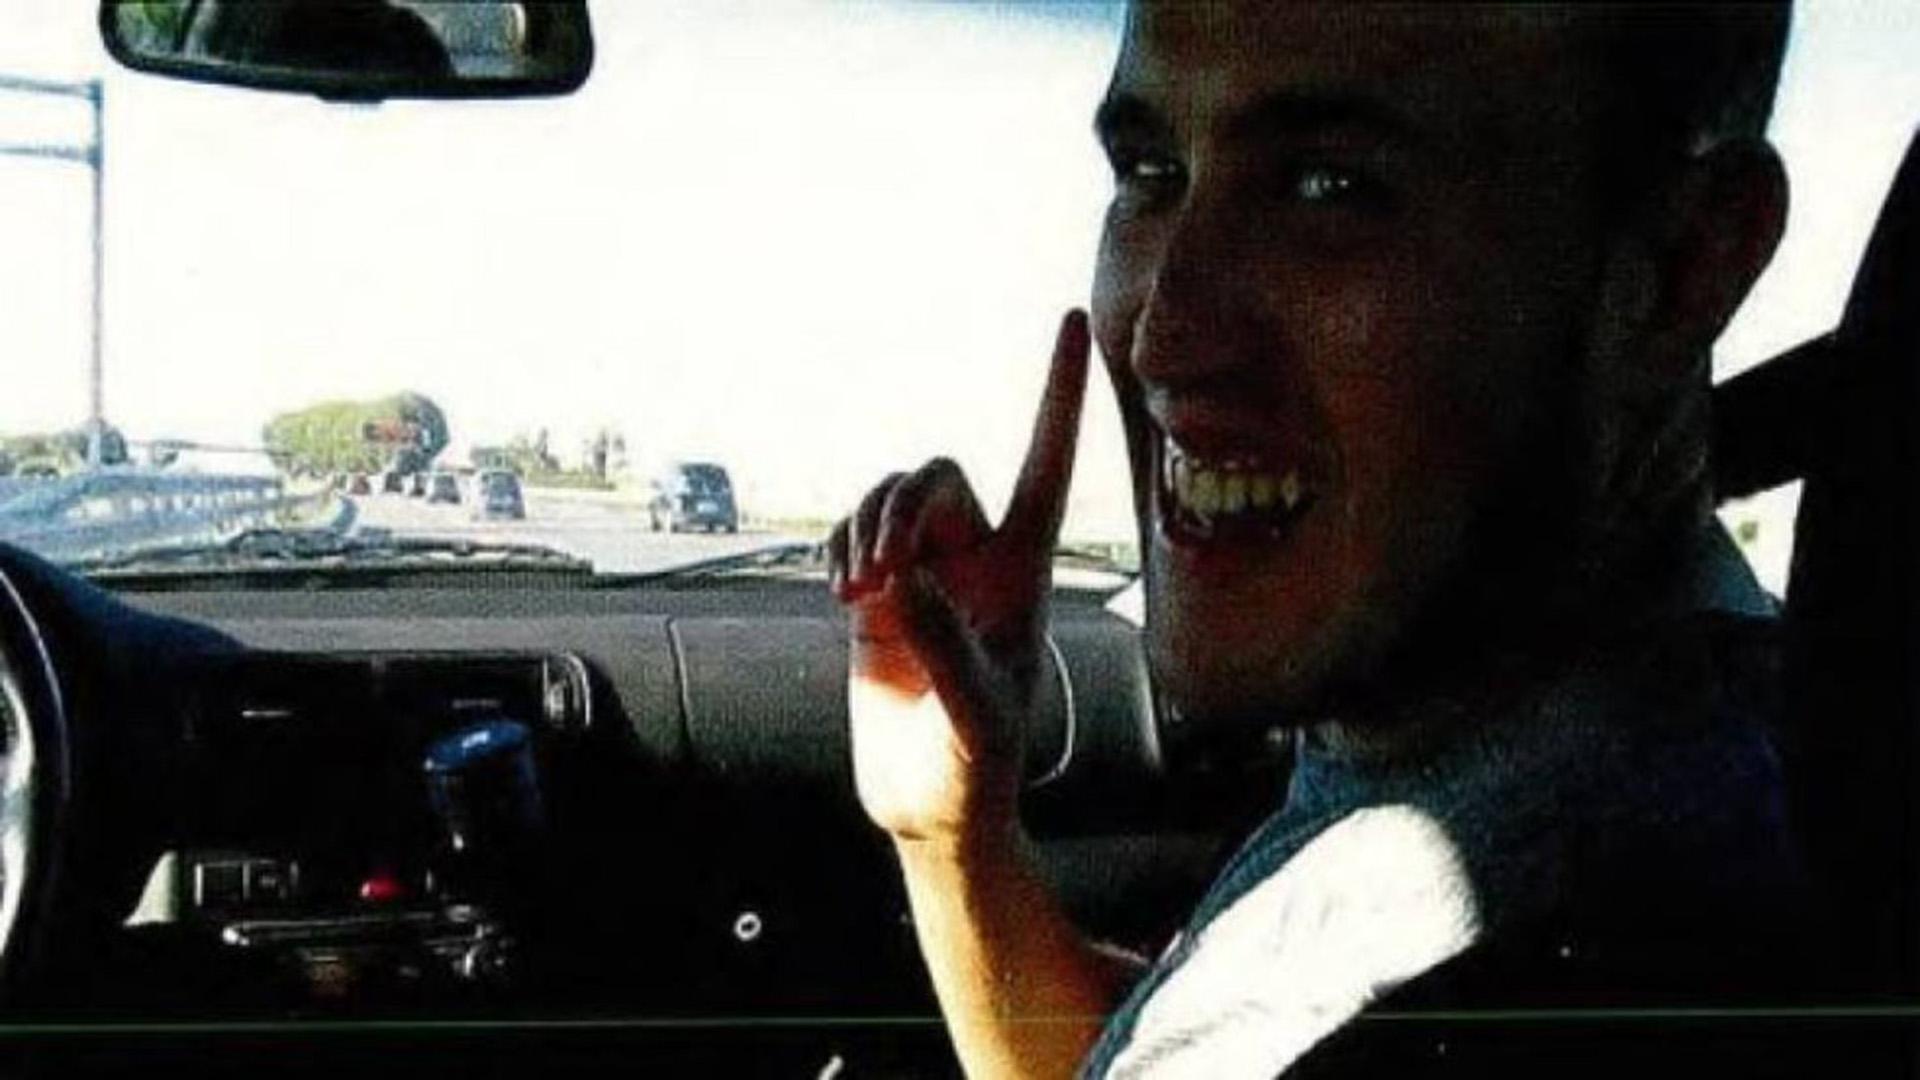 Un fotograma del video tomada en el auto el que circulaban tres terroristas